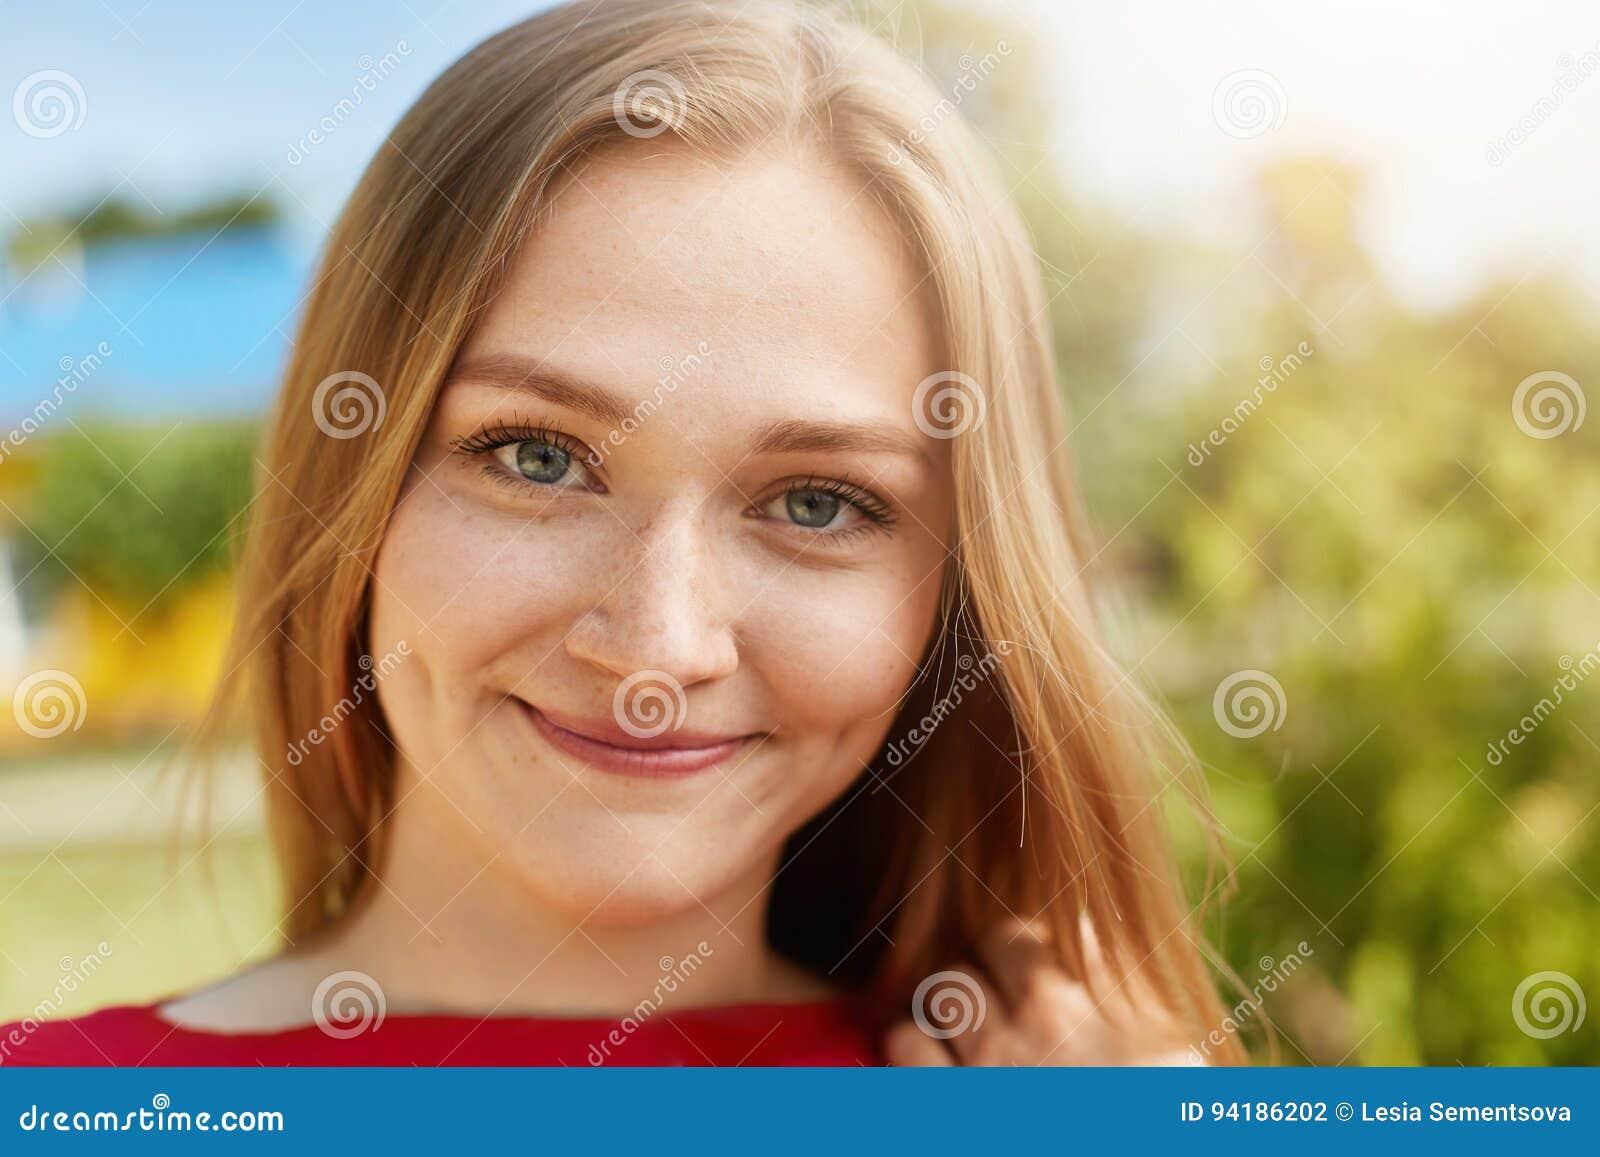 portrait en gros plan de la femme blonde avec les yeux de attirance verts taches de rousseur. Black Bedroom Furniture Sets. Home Design Ideas